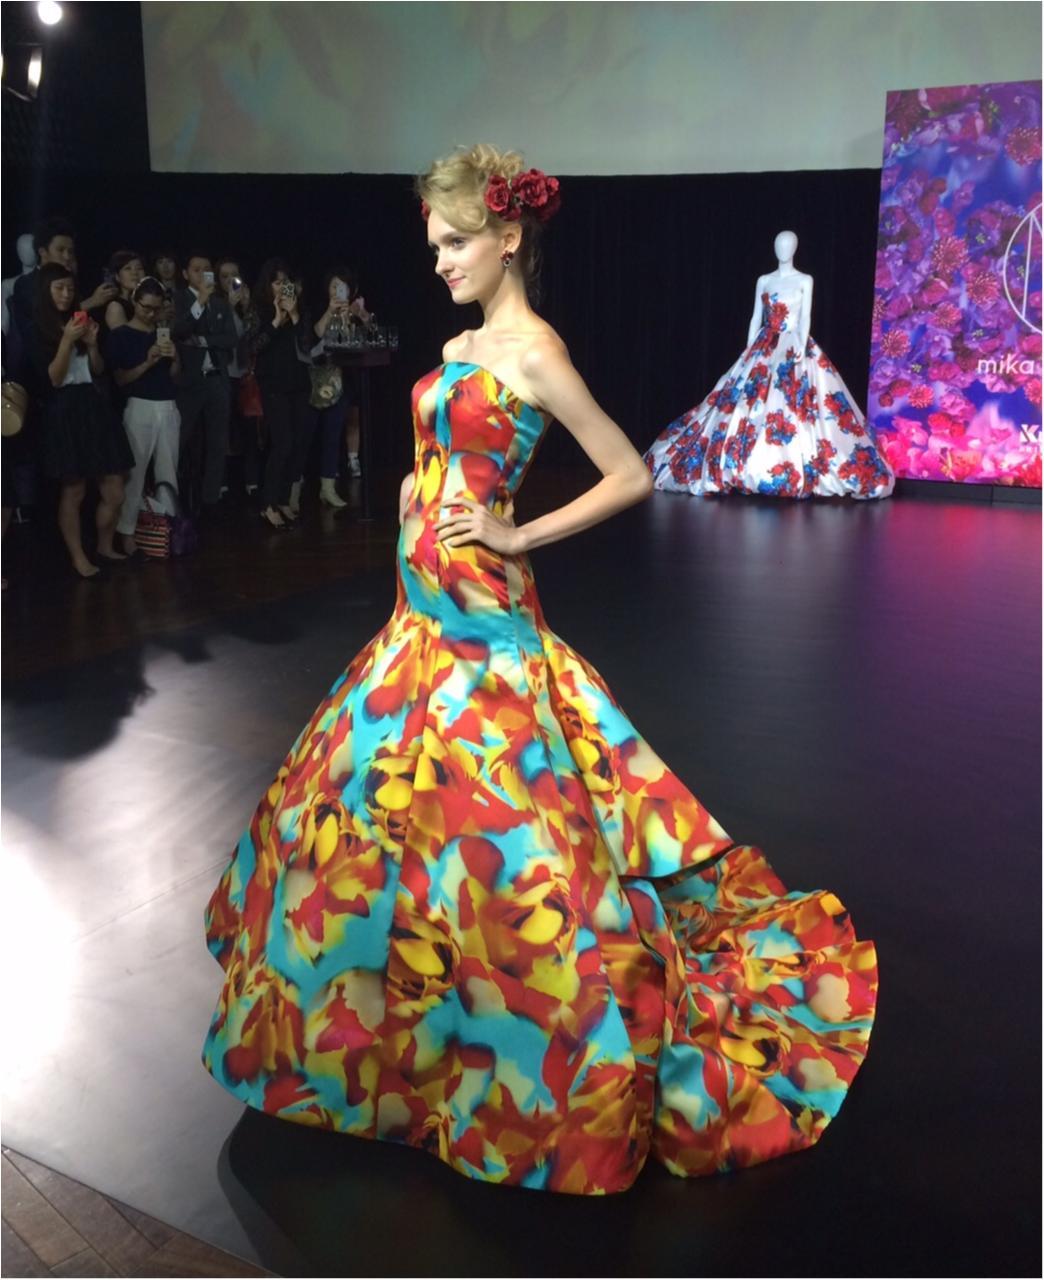 蜷川実花さんの世界をウェディングにも! 美しすぎるドレスにうっとり♡_3